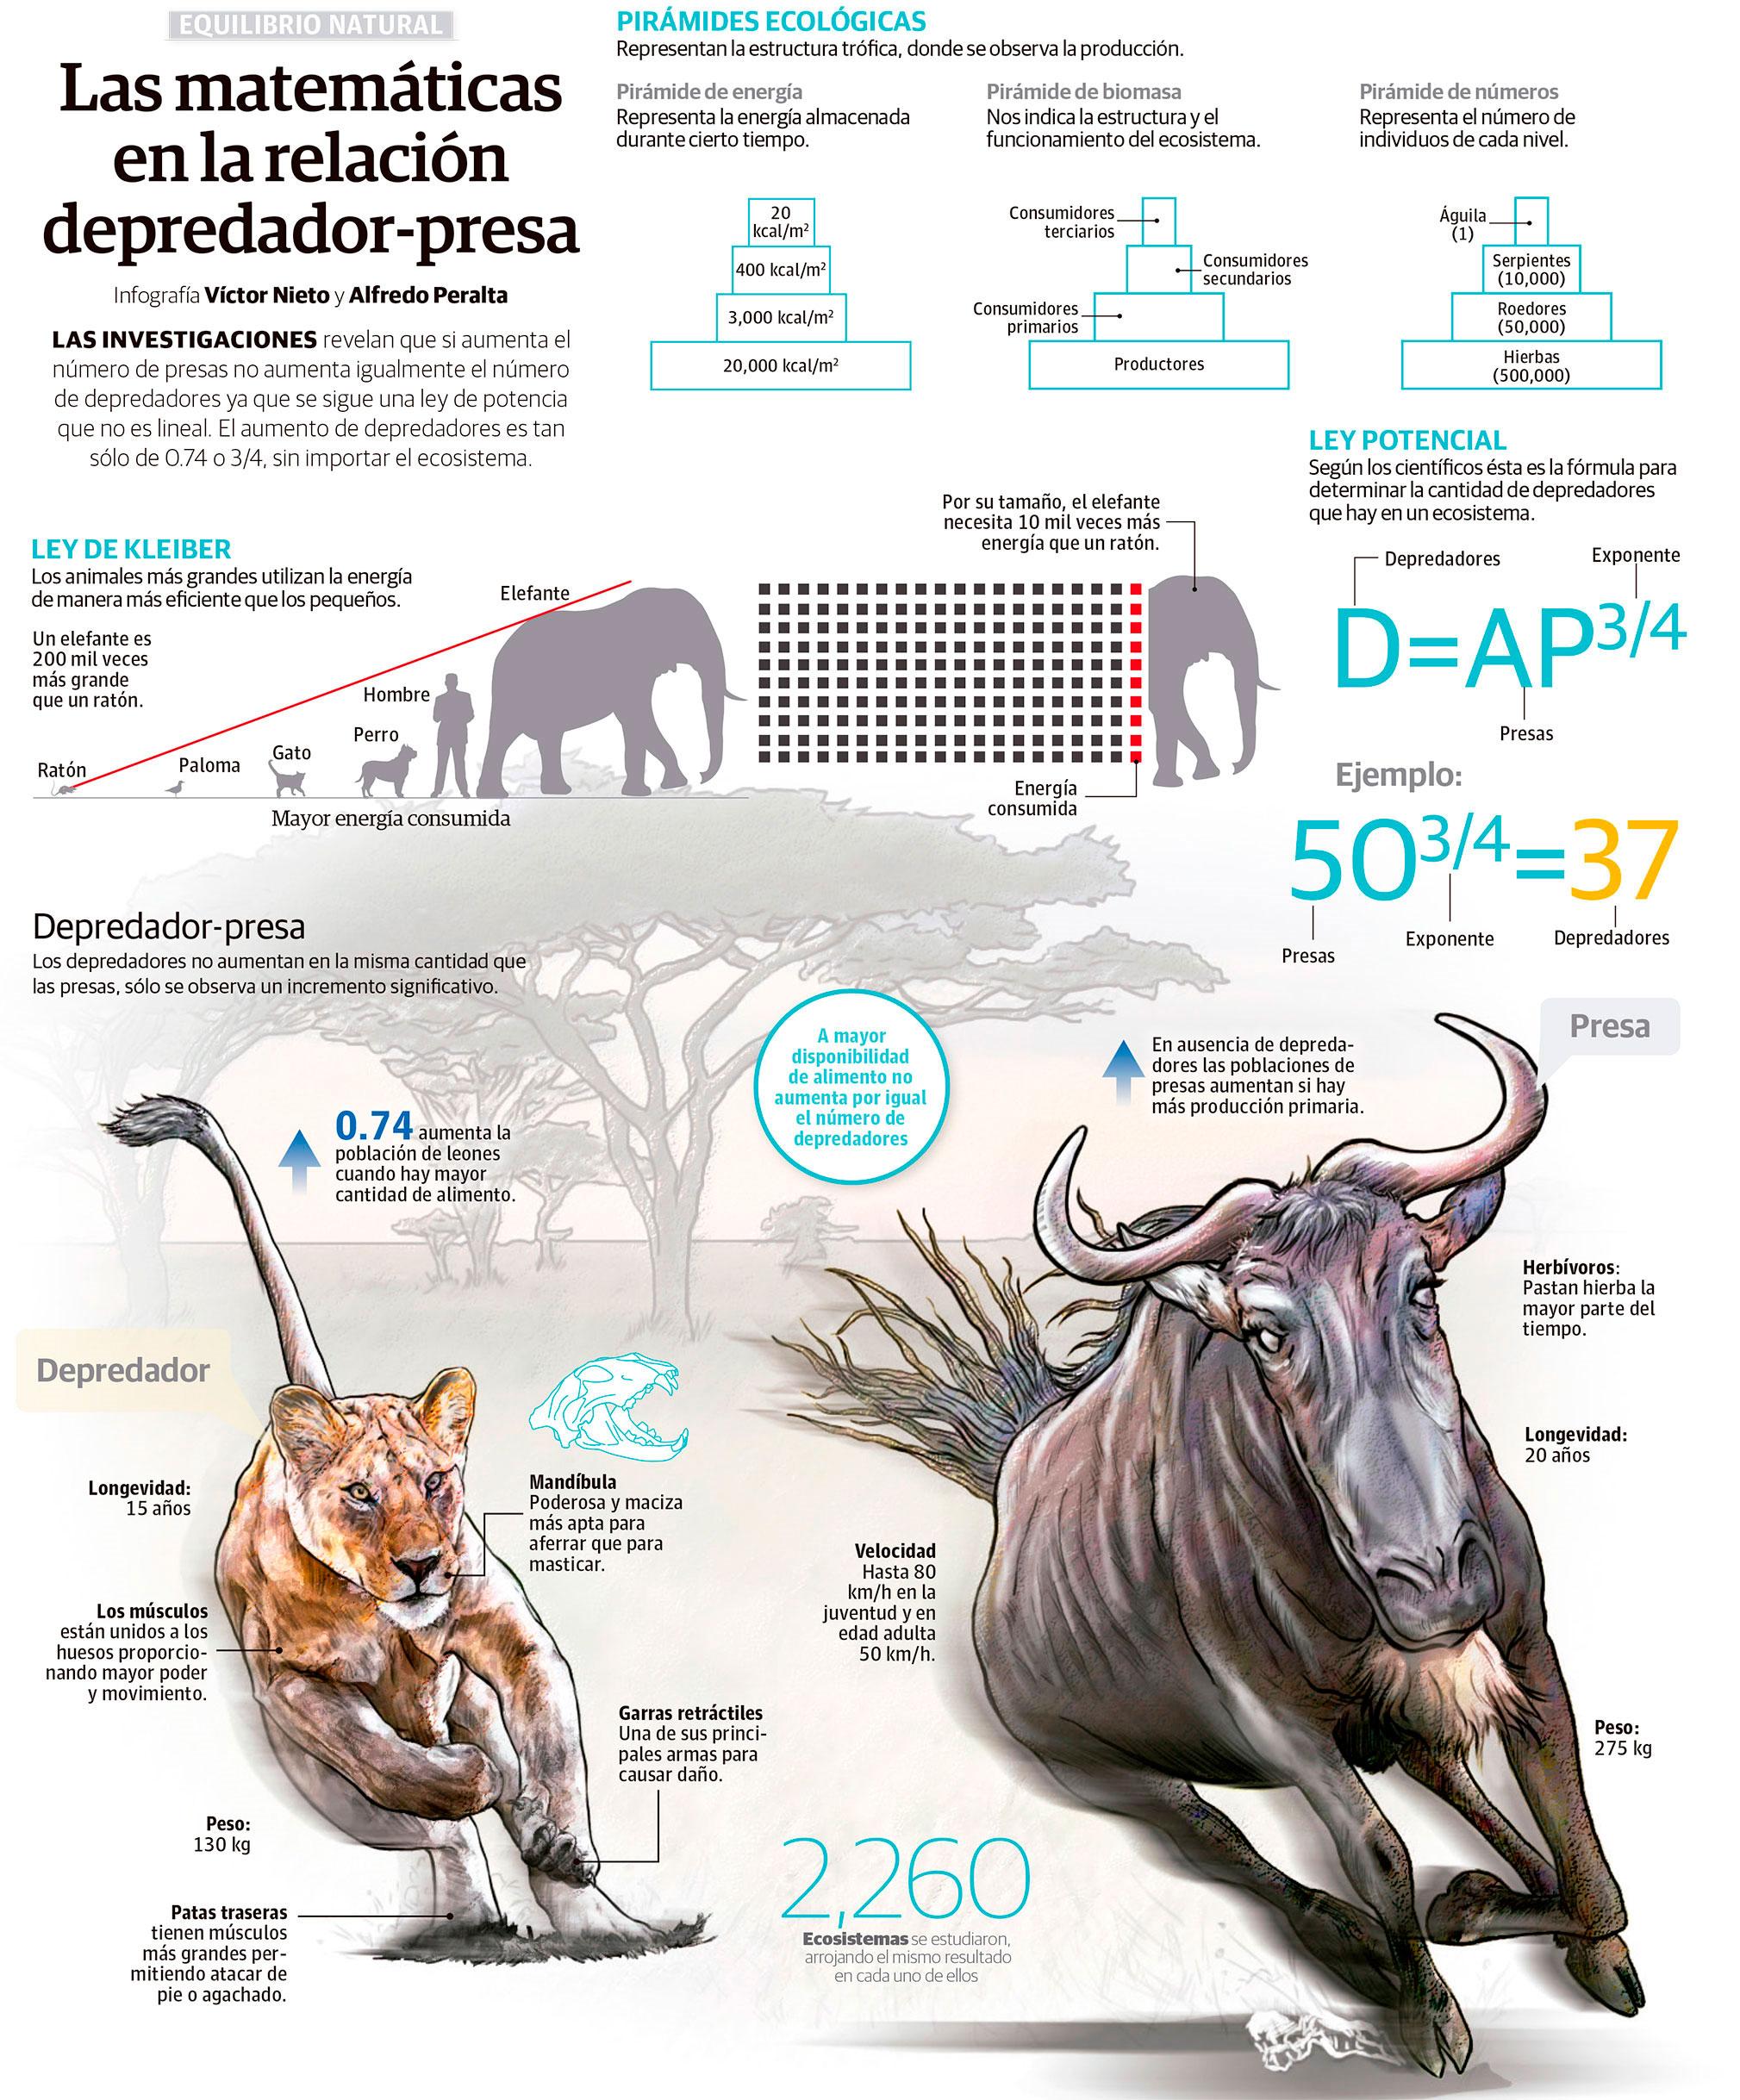 Las matemáticas en la relación depredador-presa